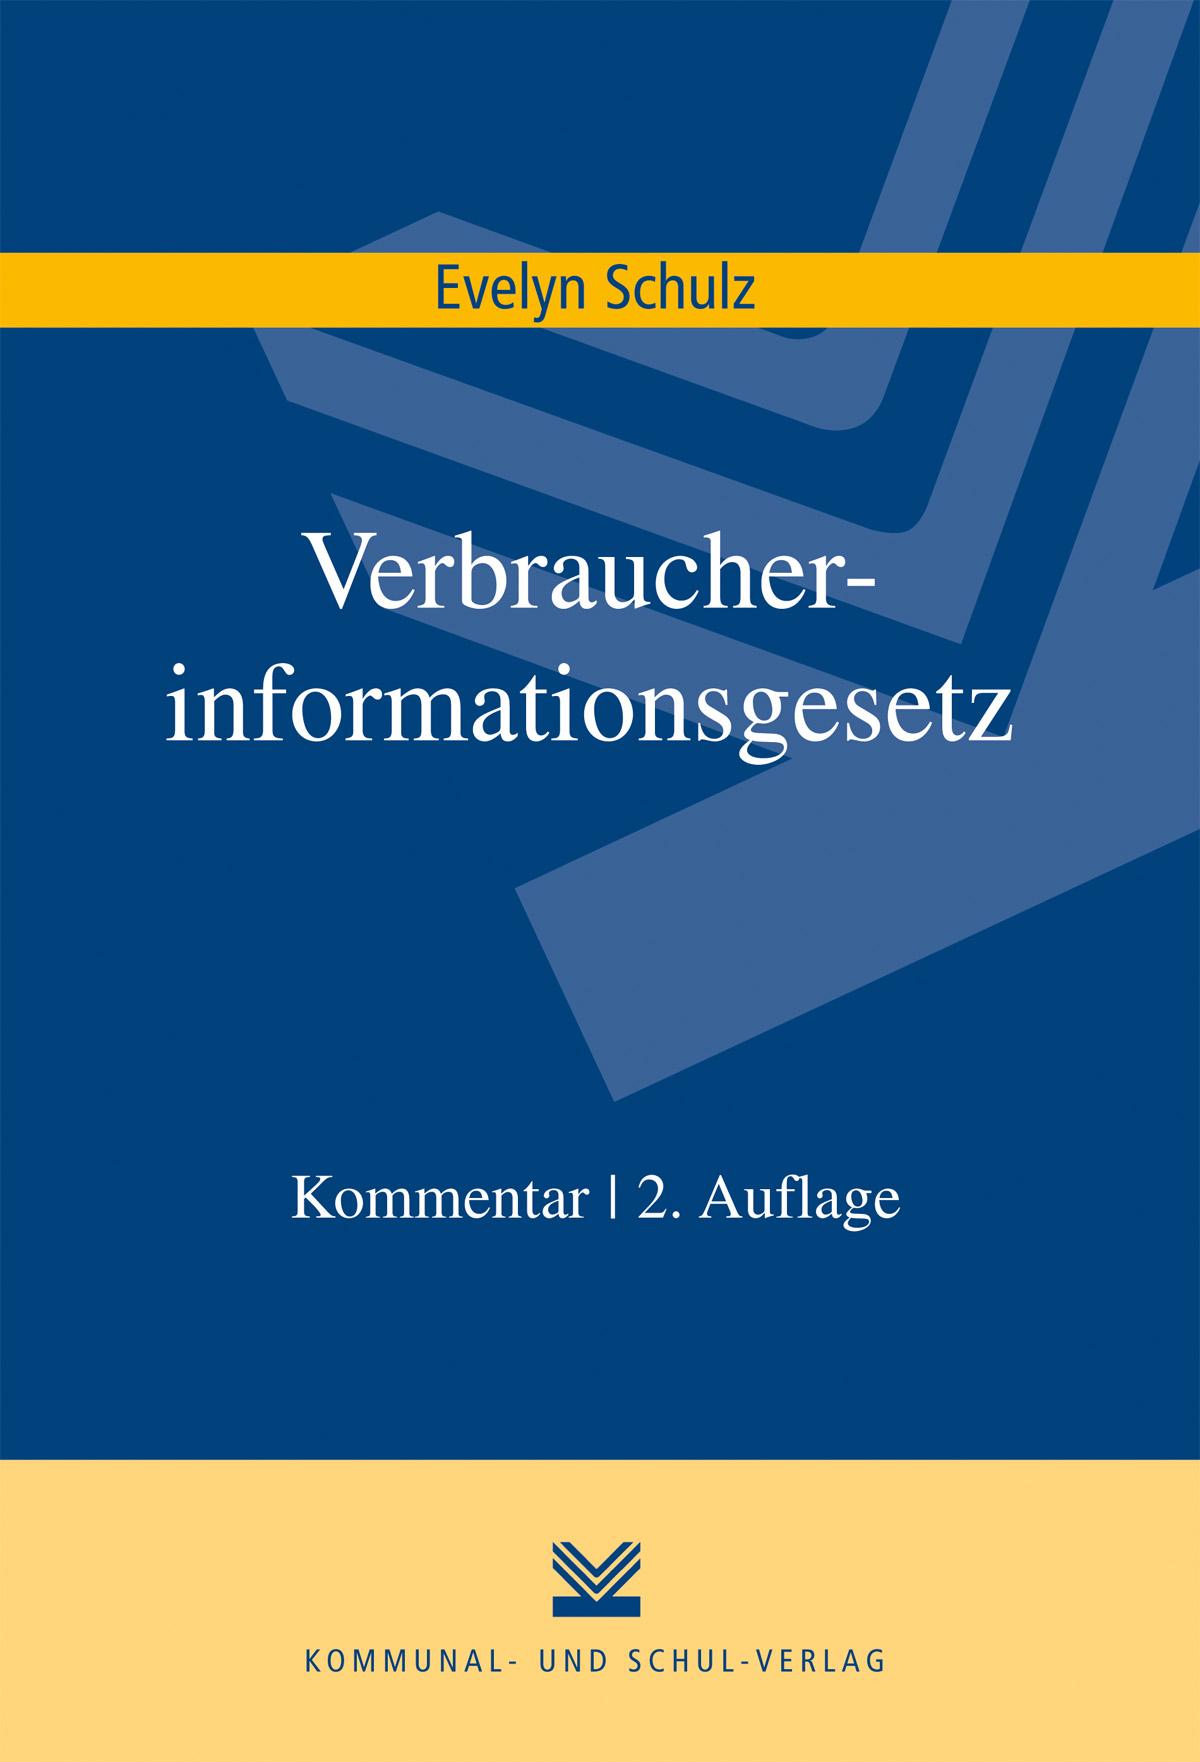 Verbraucherinformationsgesetz, Evelyn Schulz